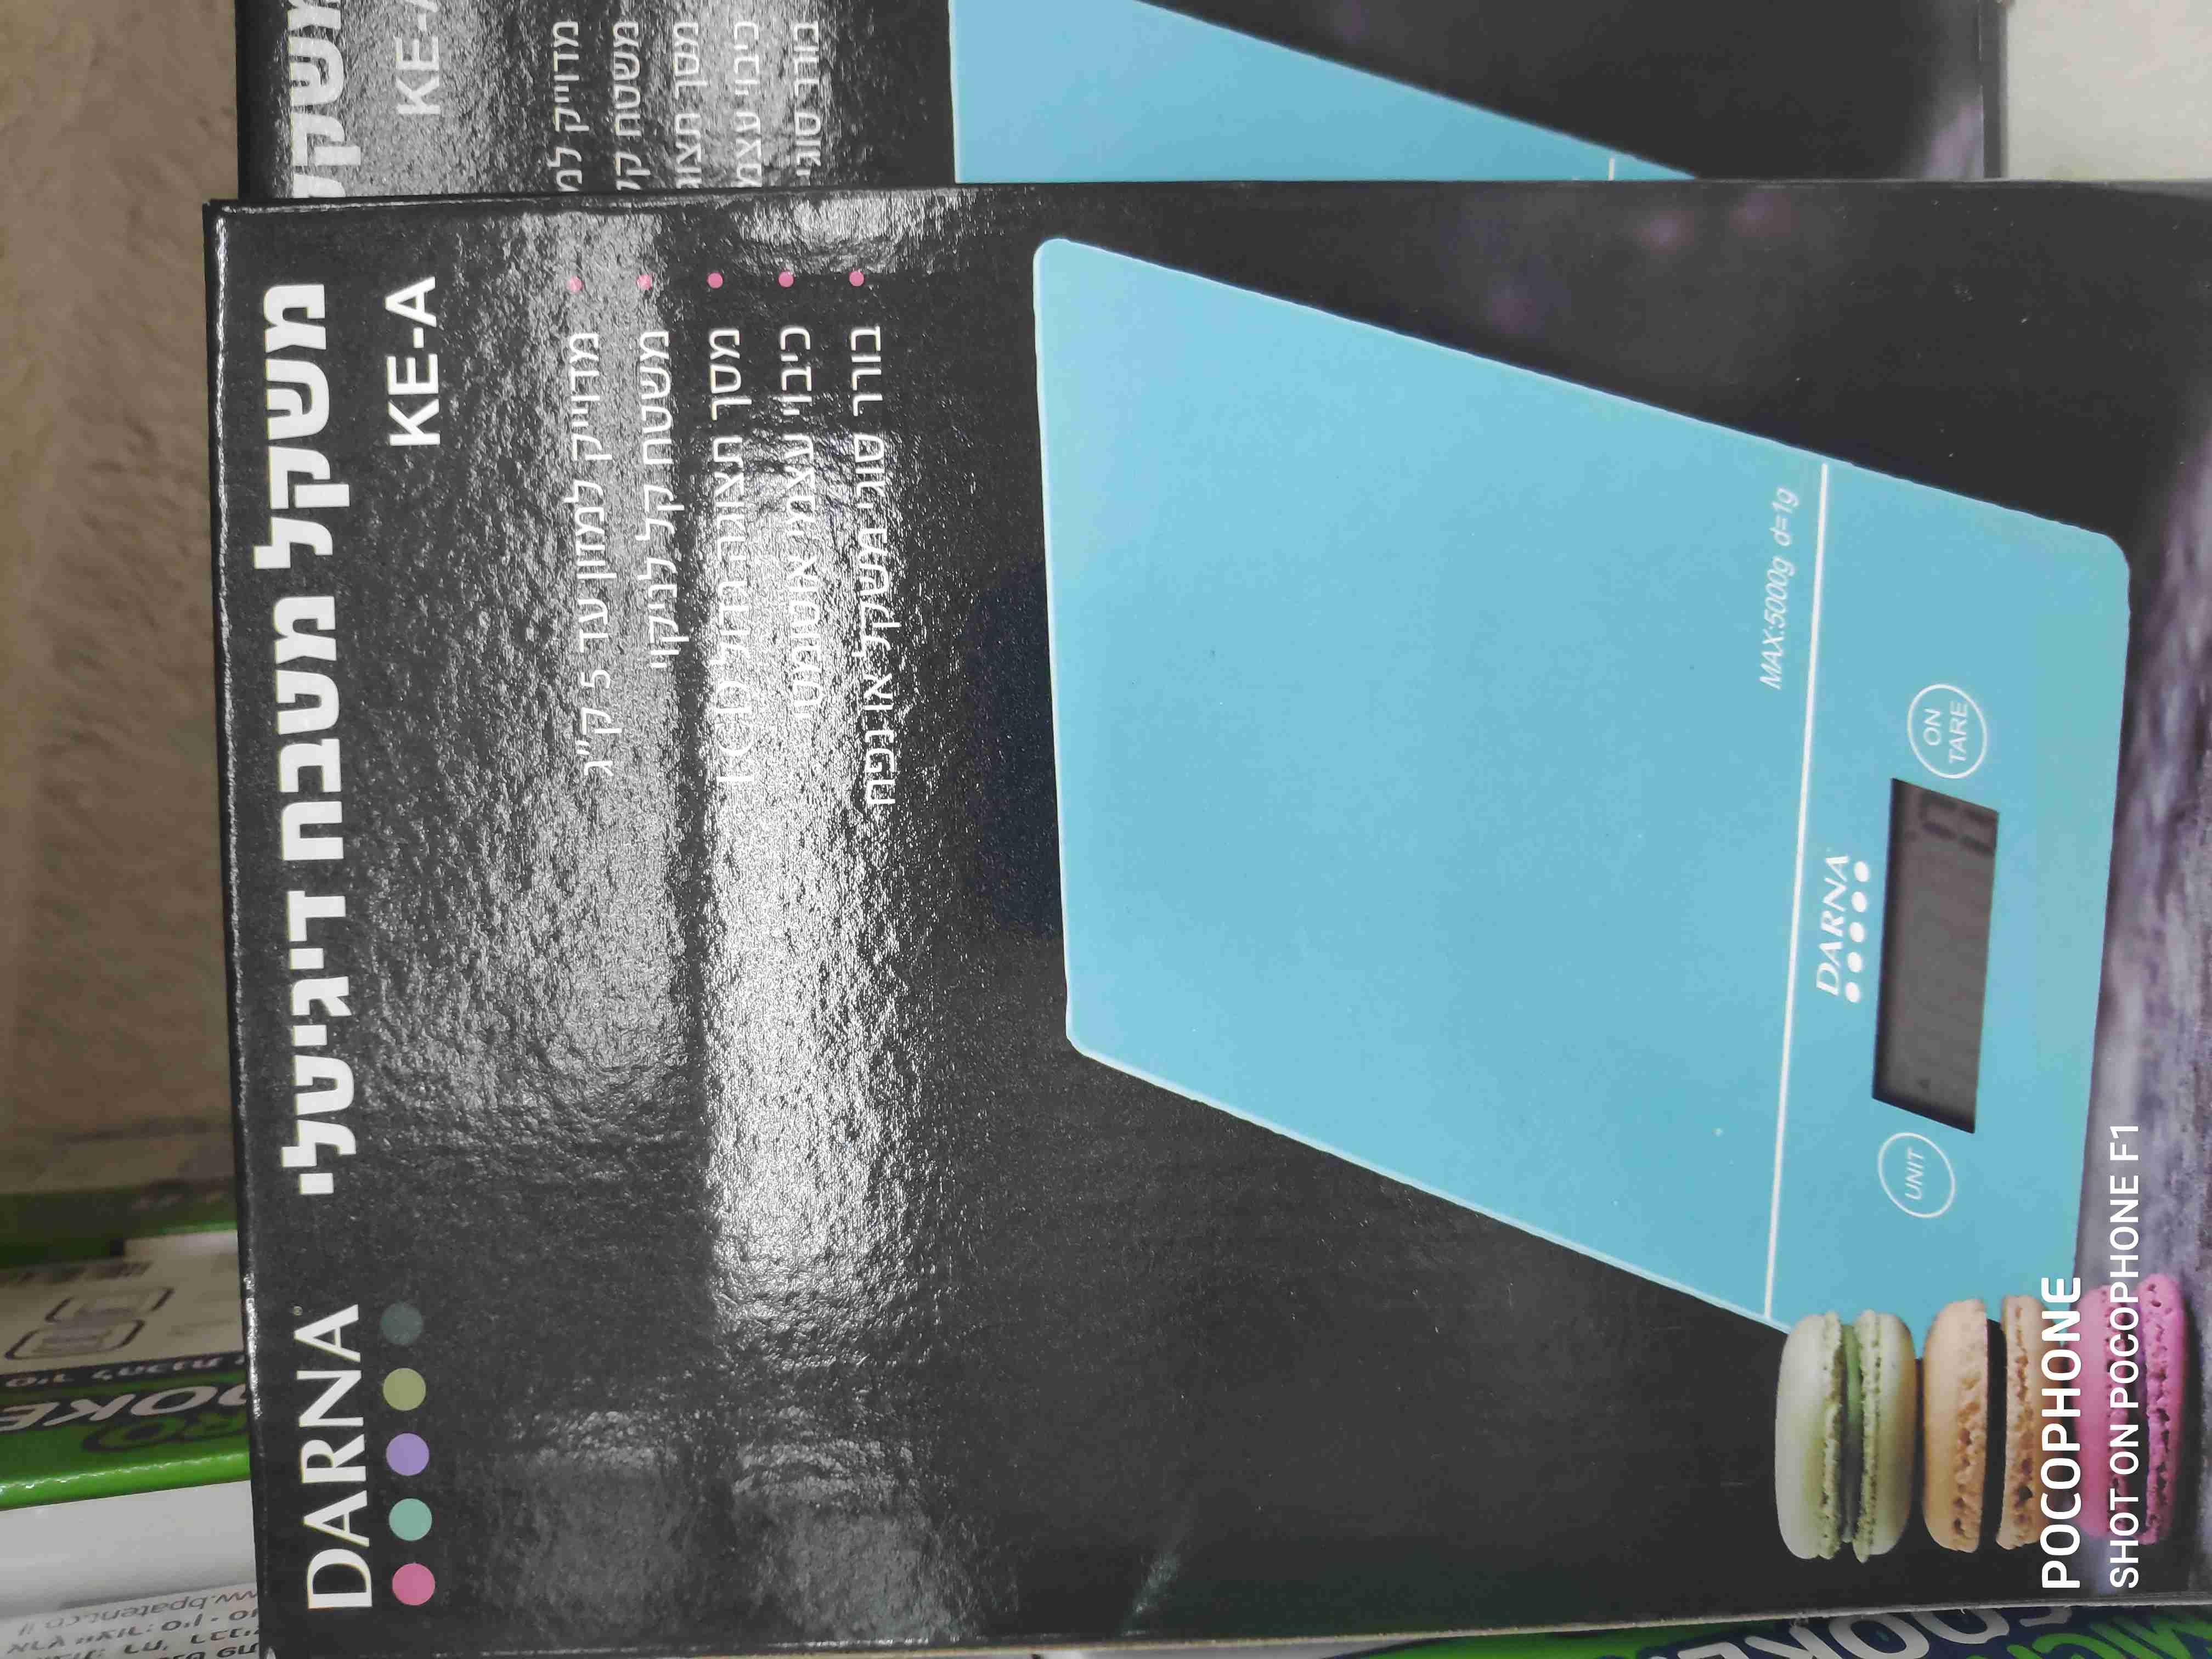 משקל דיגיטלי למטבח עם משטח זכוכית עד 5 קג